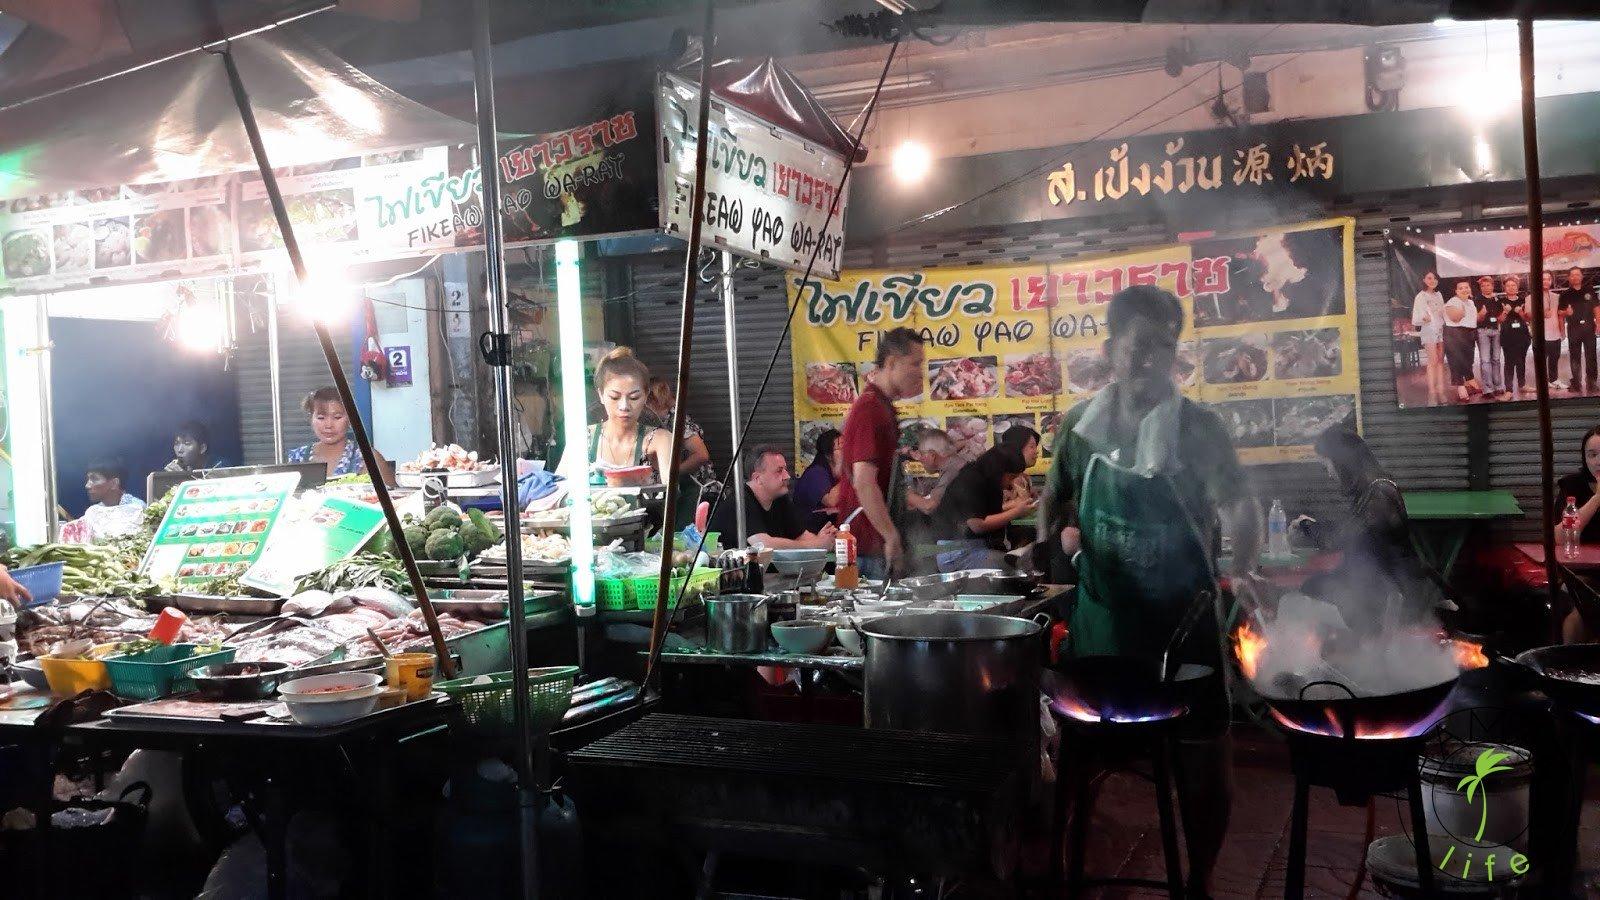 China Town, Bangkok, Thailand 2015